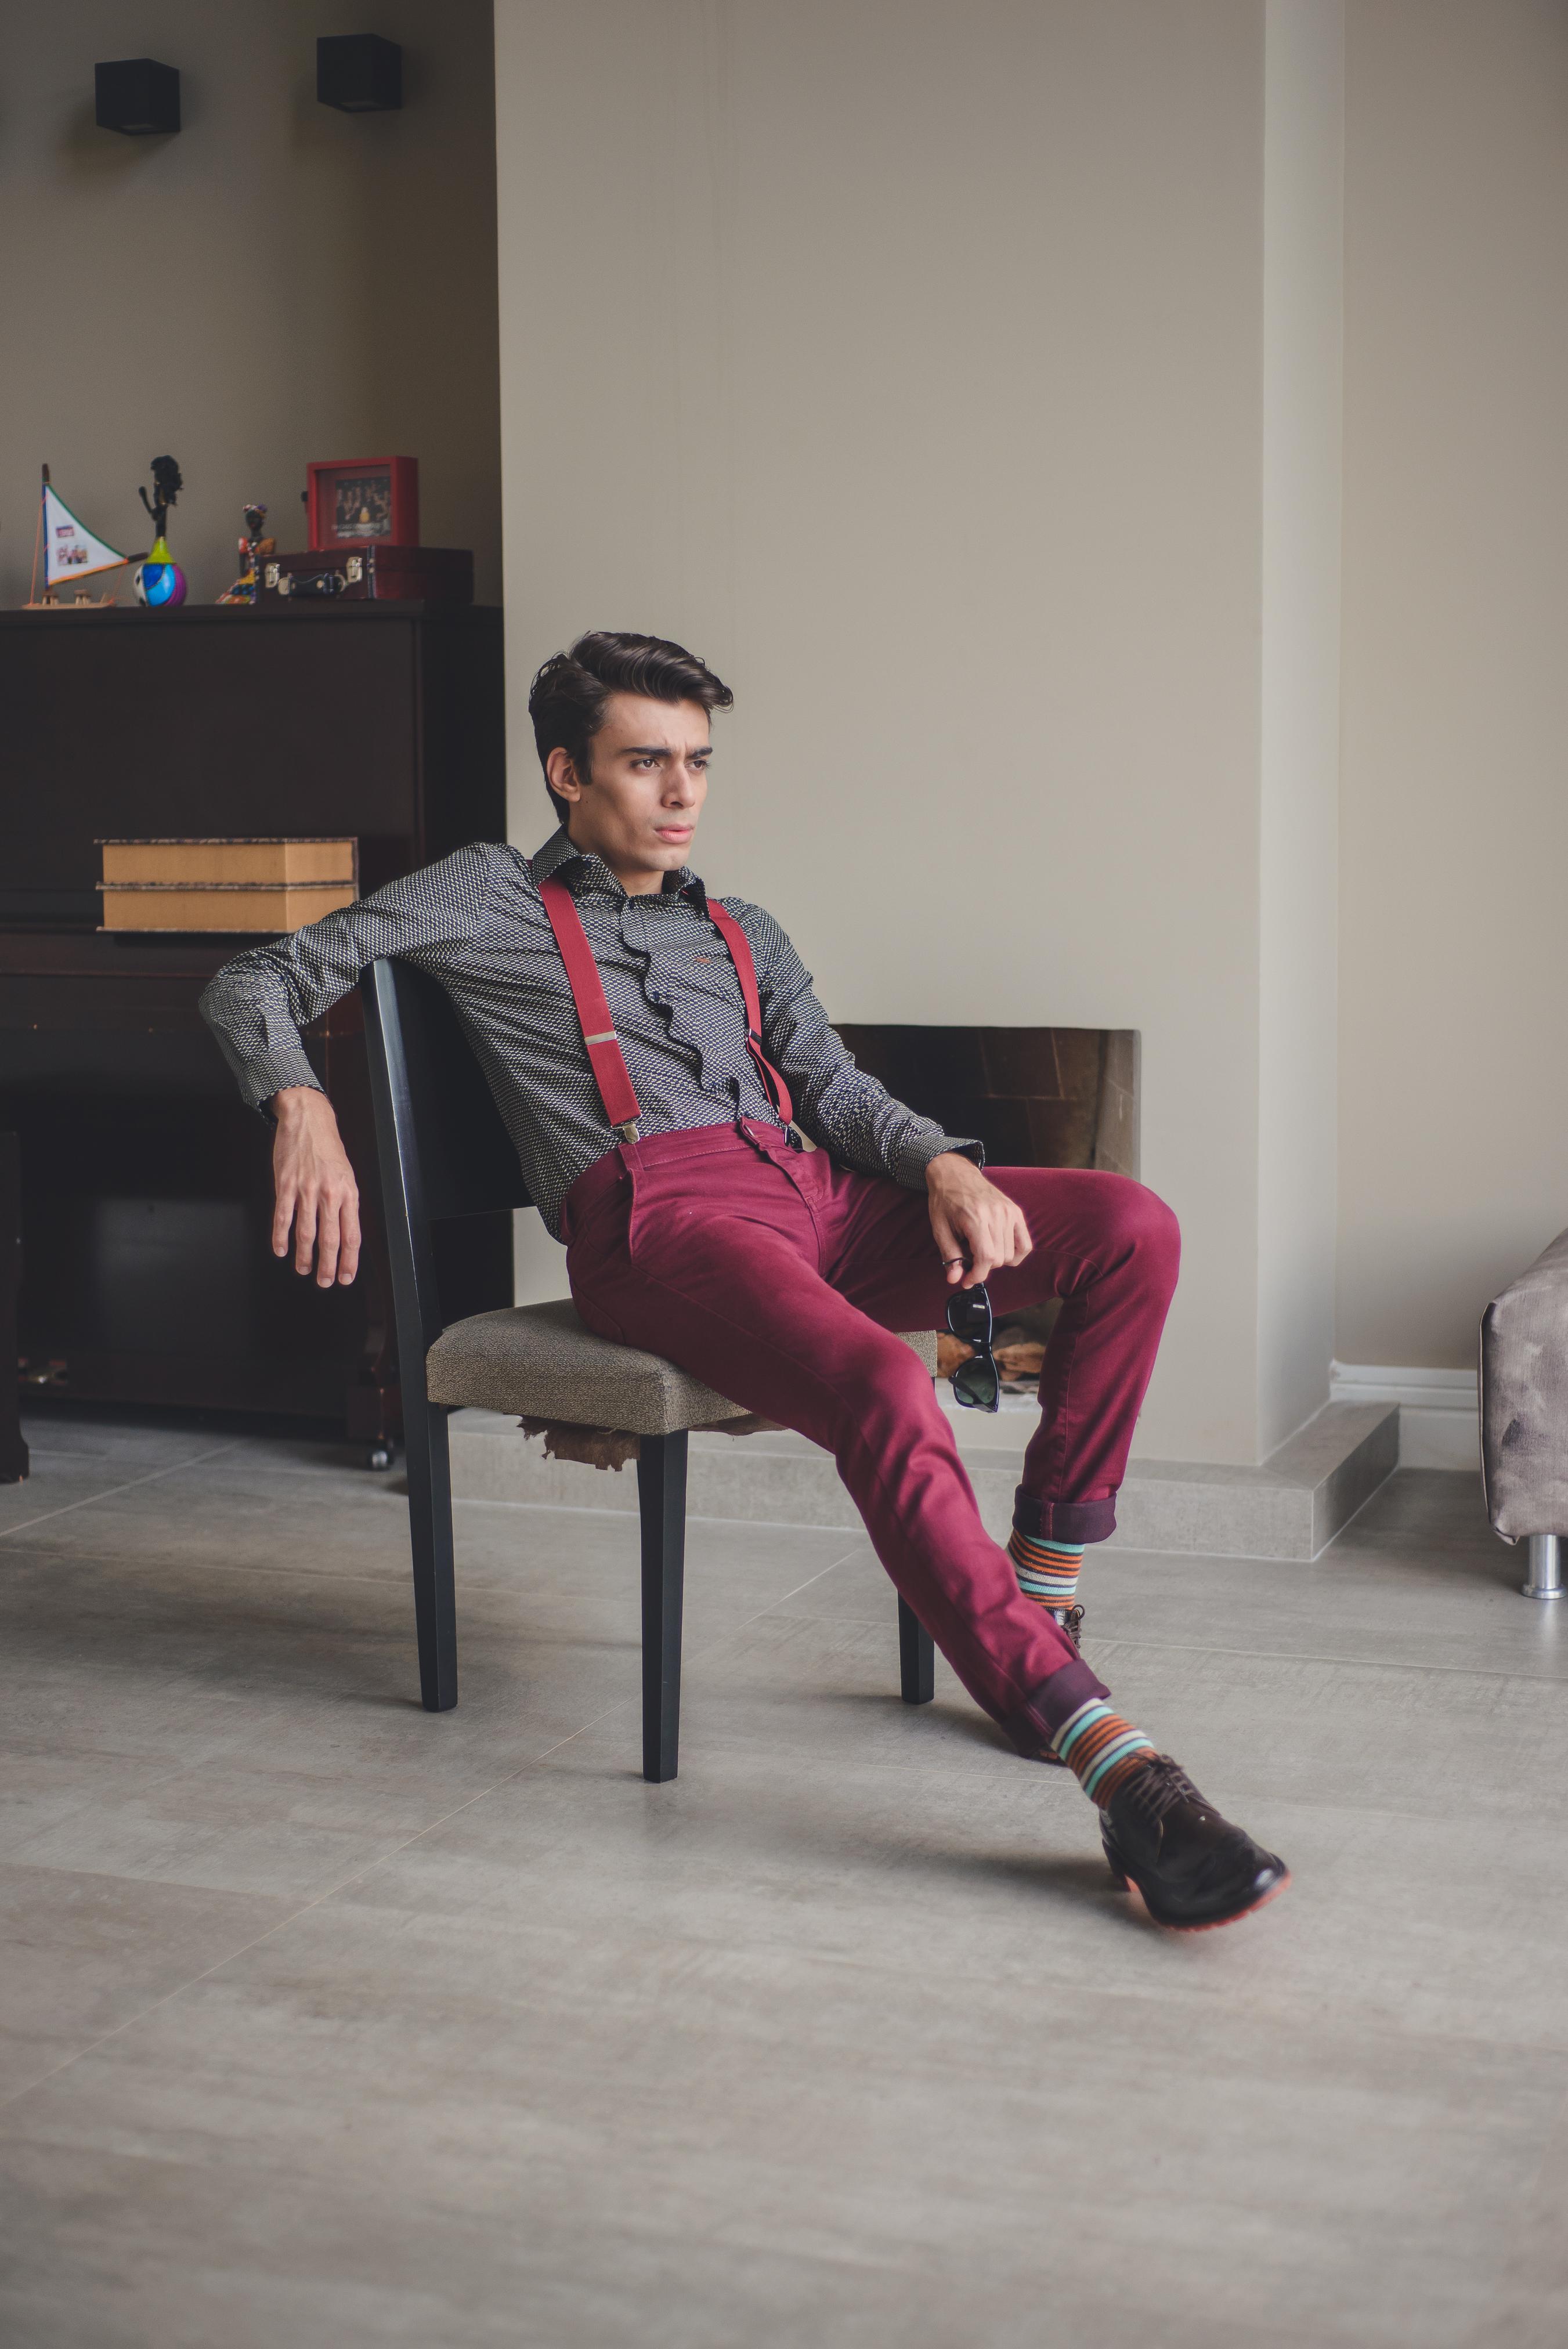 alex-cursino-youtuber-blogger-fashion-blogger-ootd-moda-classica-suspensorio-masculino-como-usar-suspensorio-rafaella-santiago-matheus-komatsu-editorial-de-moda-menswear-dicas-de-moda-8